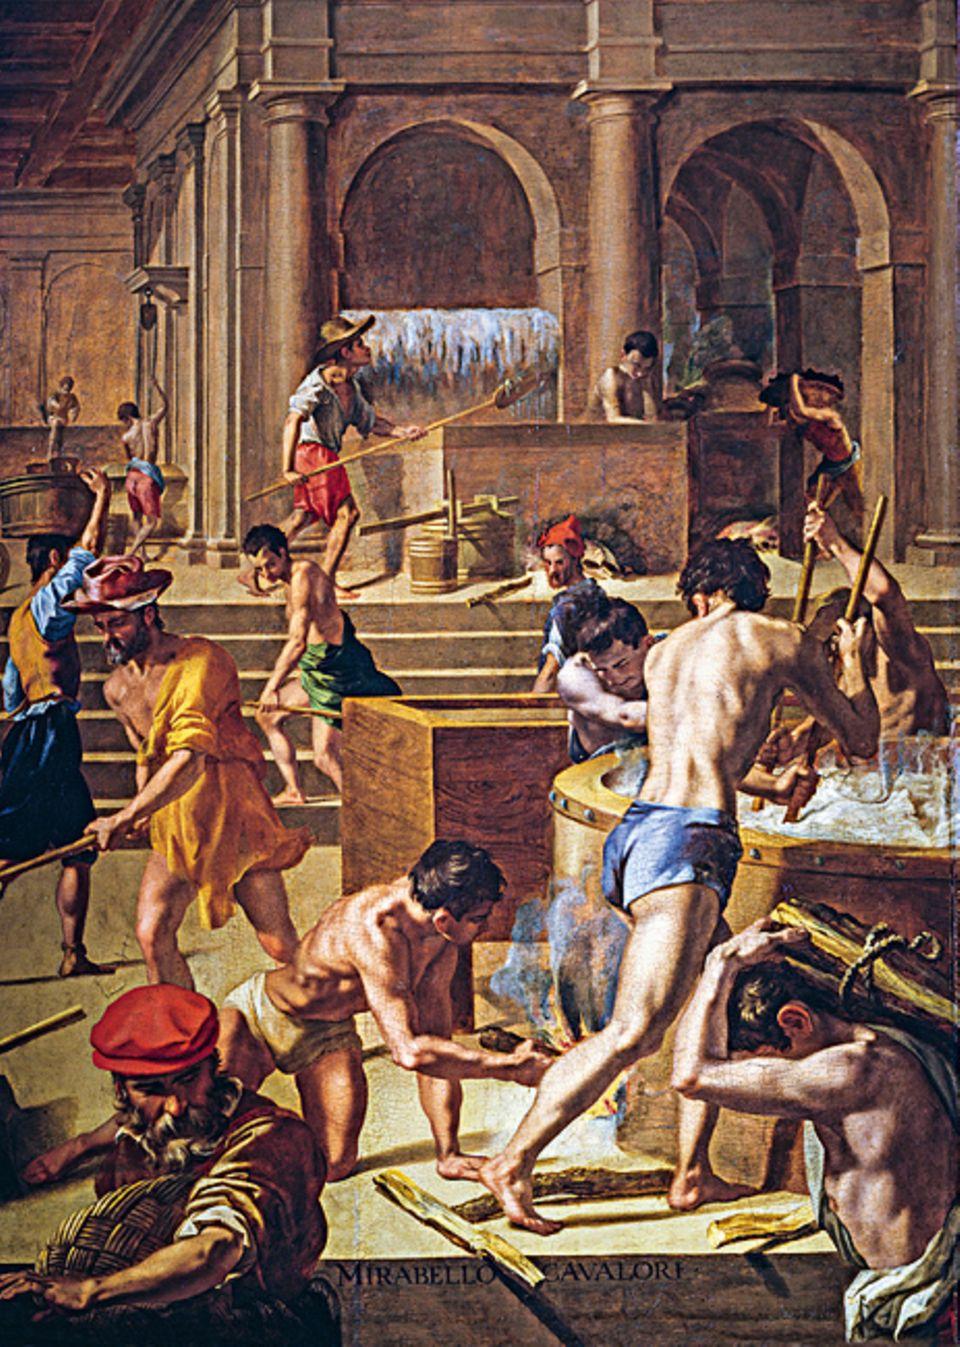 Florenz um 1300: Arbeiter in einer Wollmühle. Mehr als 200 Woll-Werkstätten gibt es in Florenz. Kaufleute liefern das berühmte Tuch an Abnehmer in Italien und ganz Europa – es ist die Grundlage des Reichtums in der Stadt